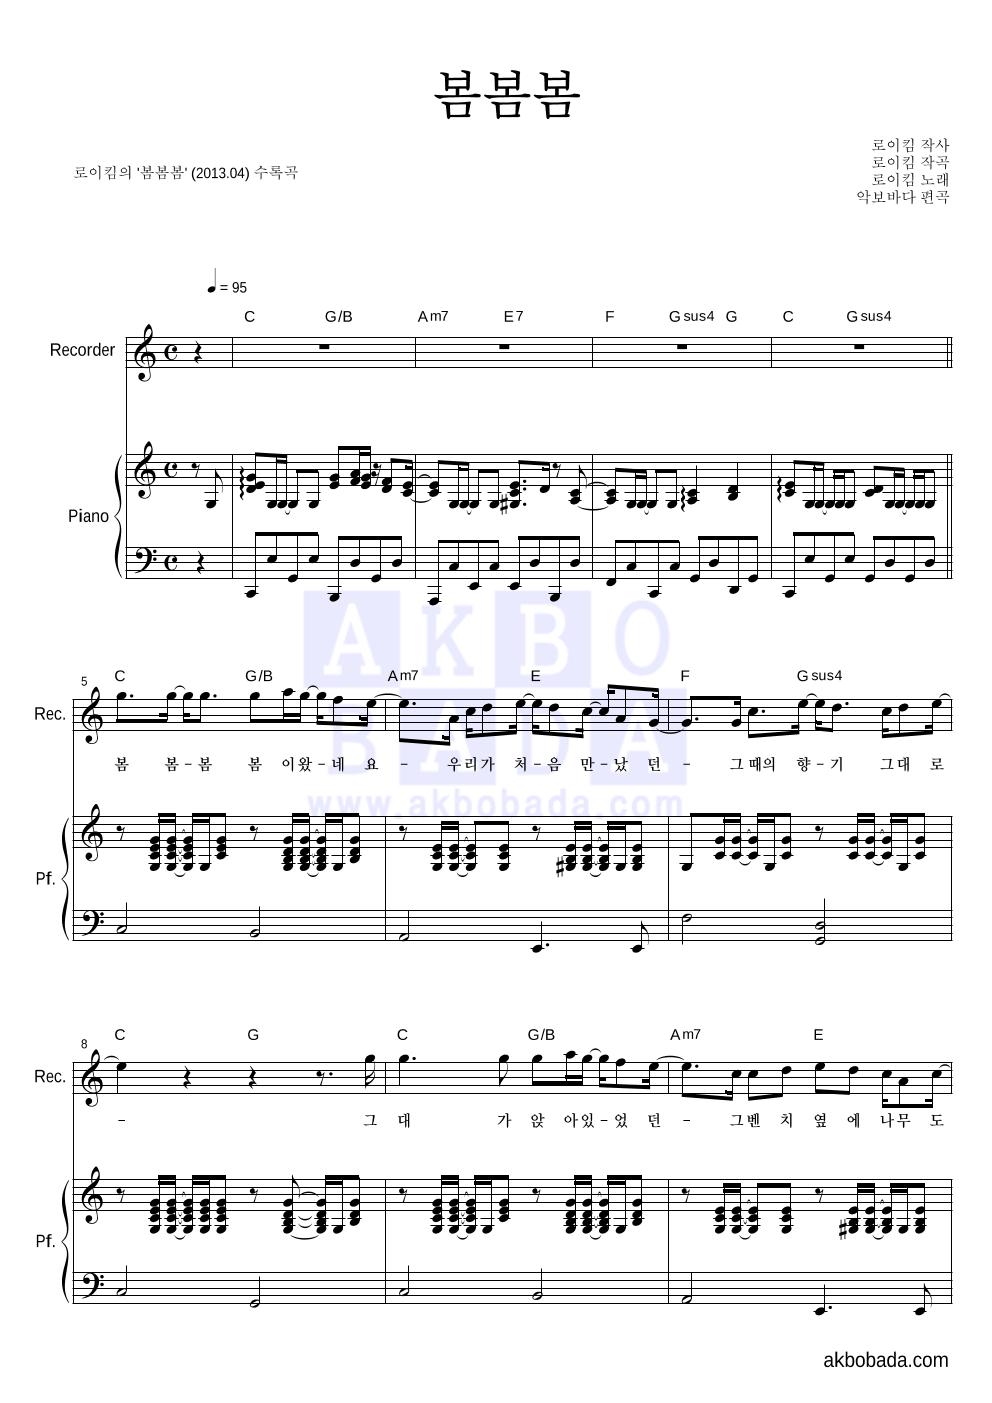 로이킴 - 봄봄봄 리코더&피아노 악보